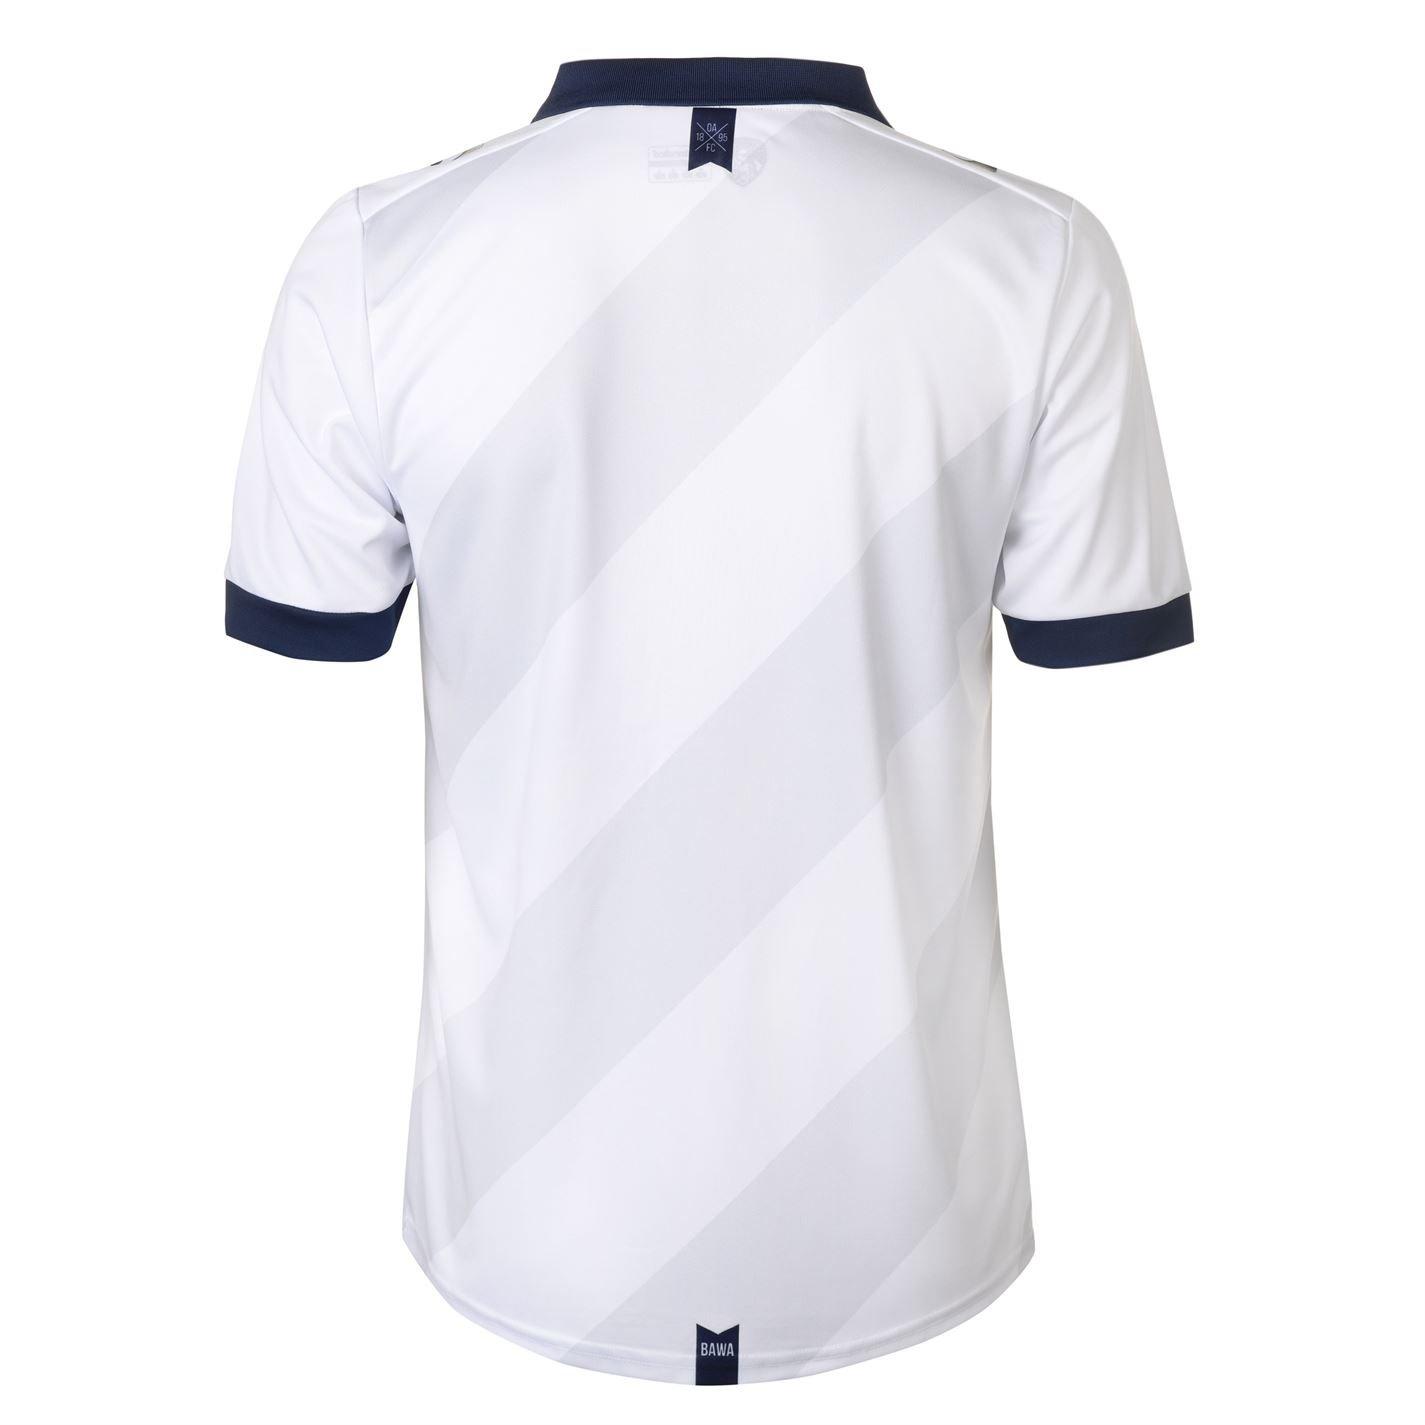 Sondico Hombre Oldham Athletic Away Camiseta 2018 2019 Blanco/Azul Marino M: Amazon.es: Ropa y accesorios